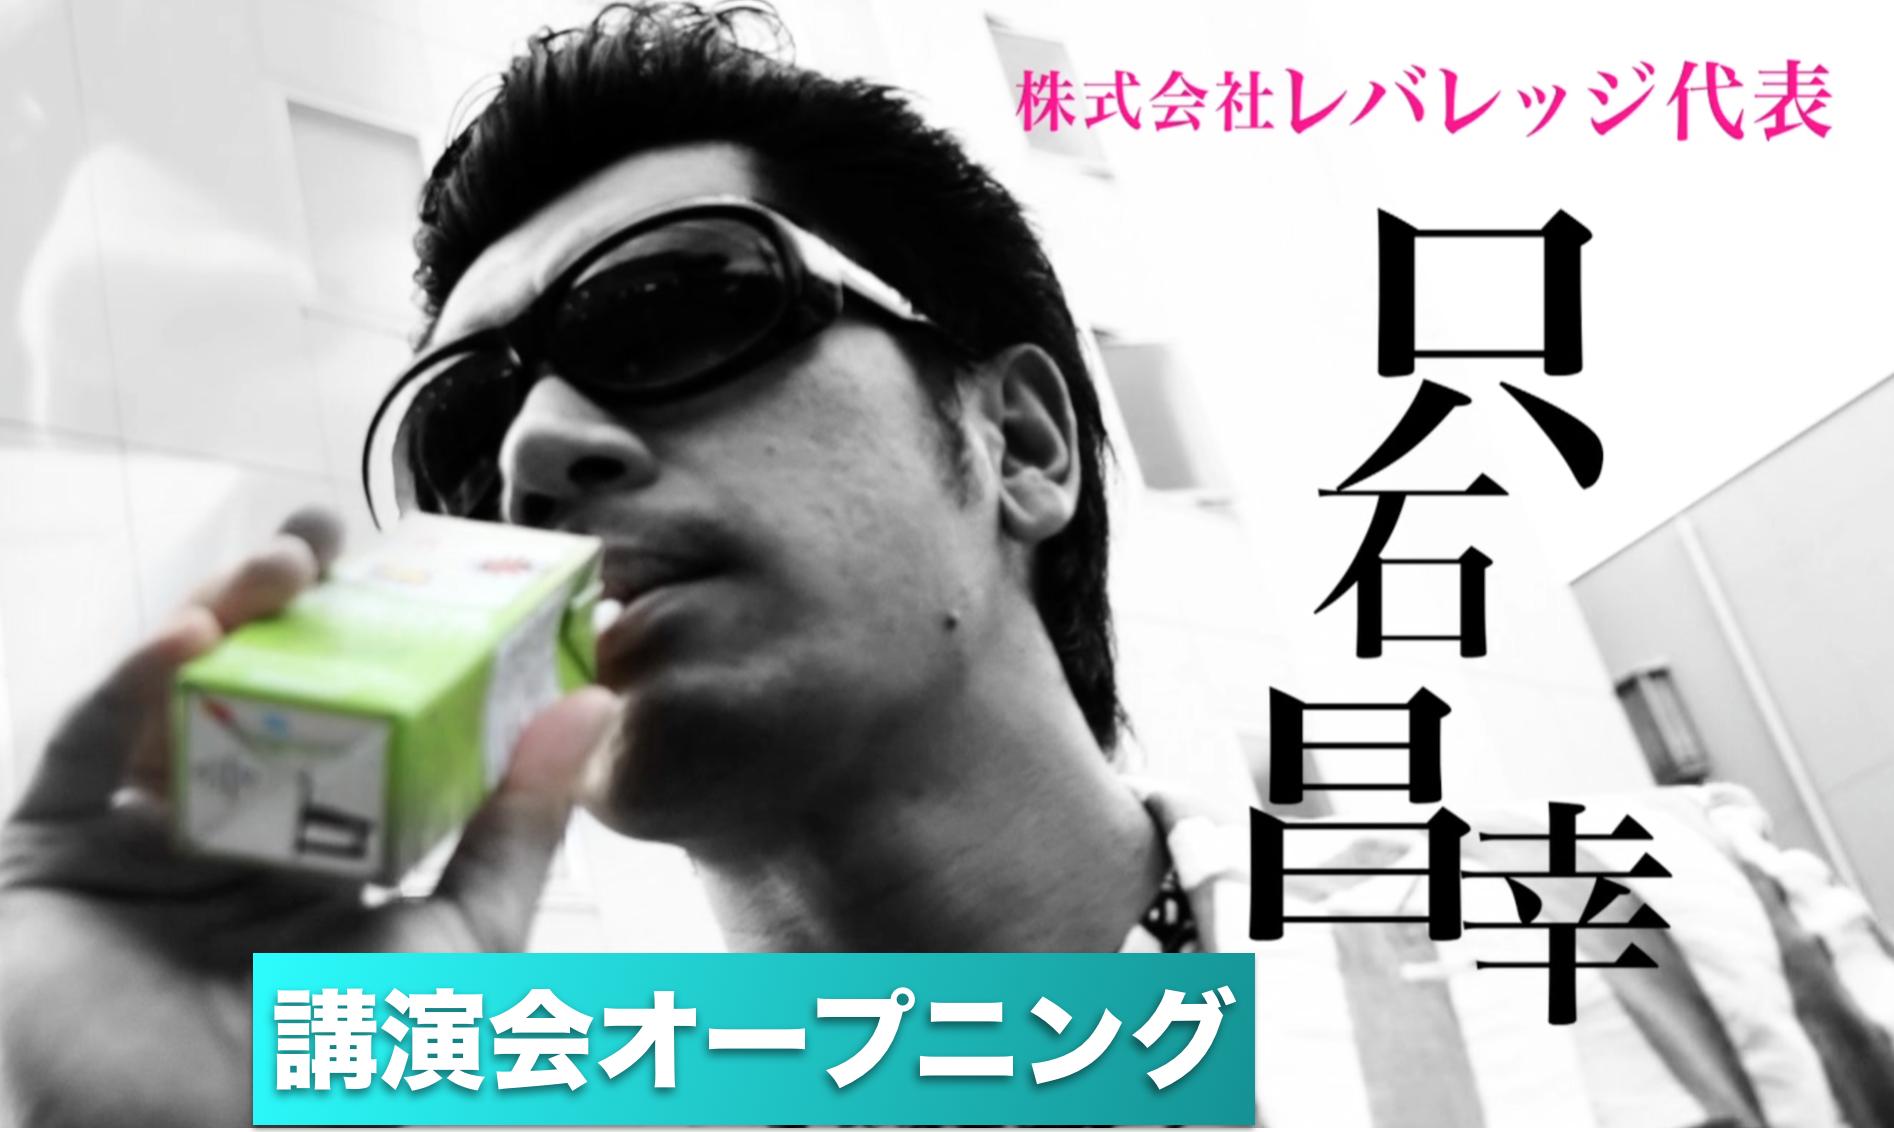 株式会社レバレッジ 代表 只石昌幸 様  講演会オープニング動画